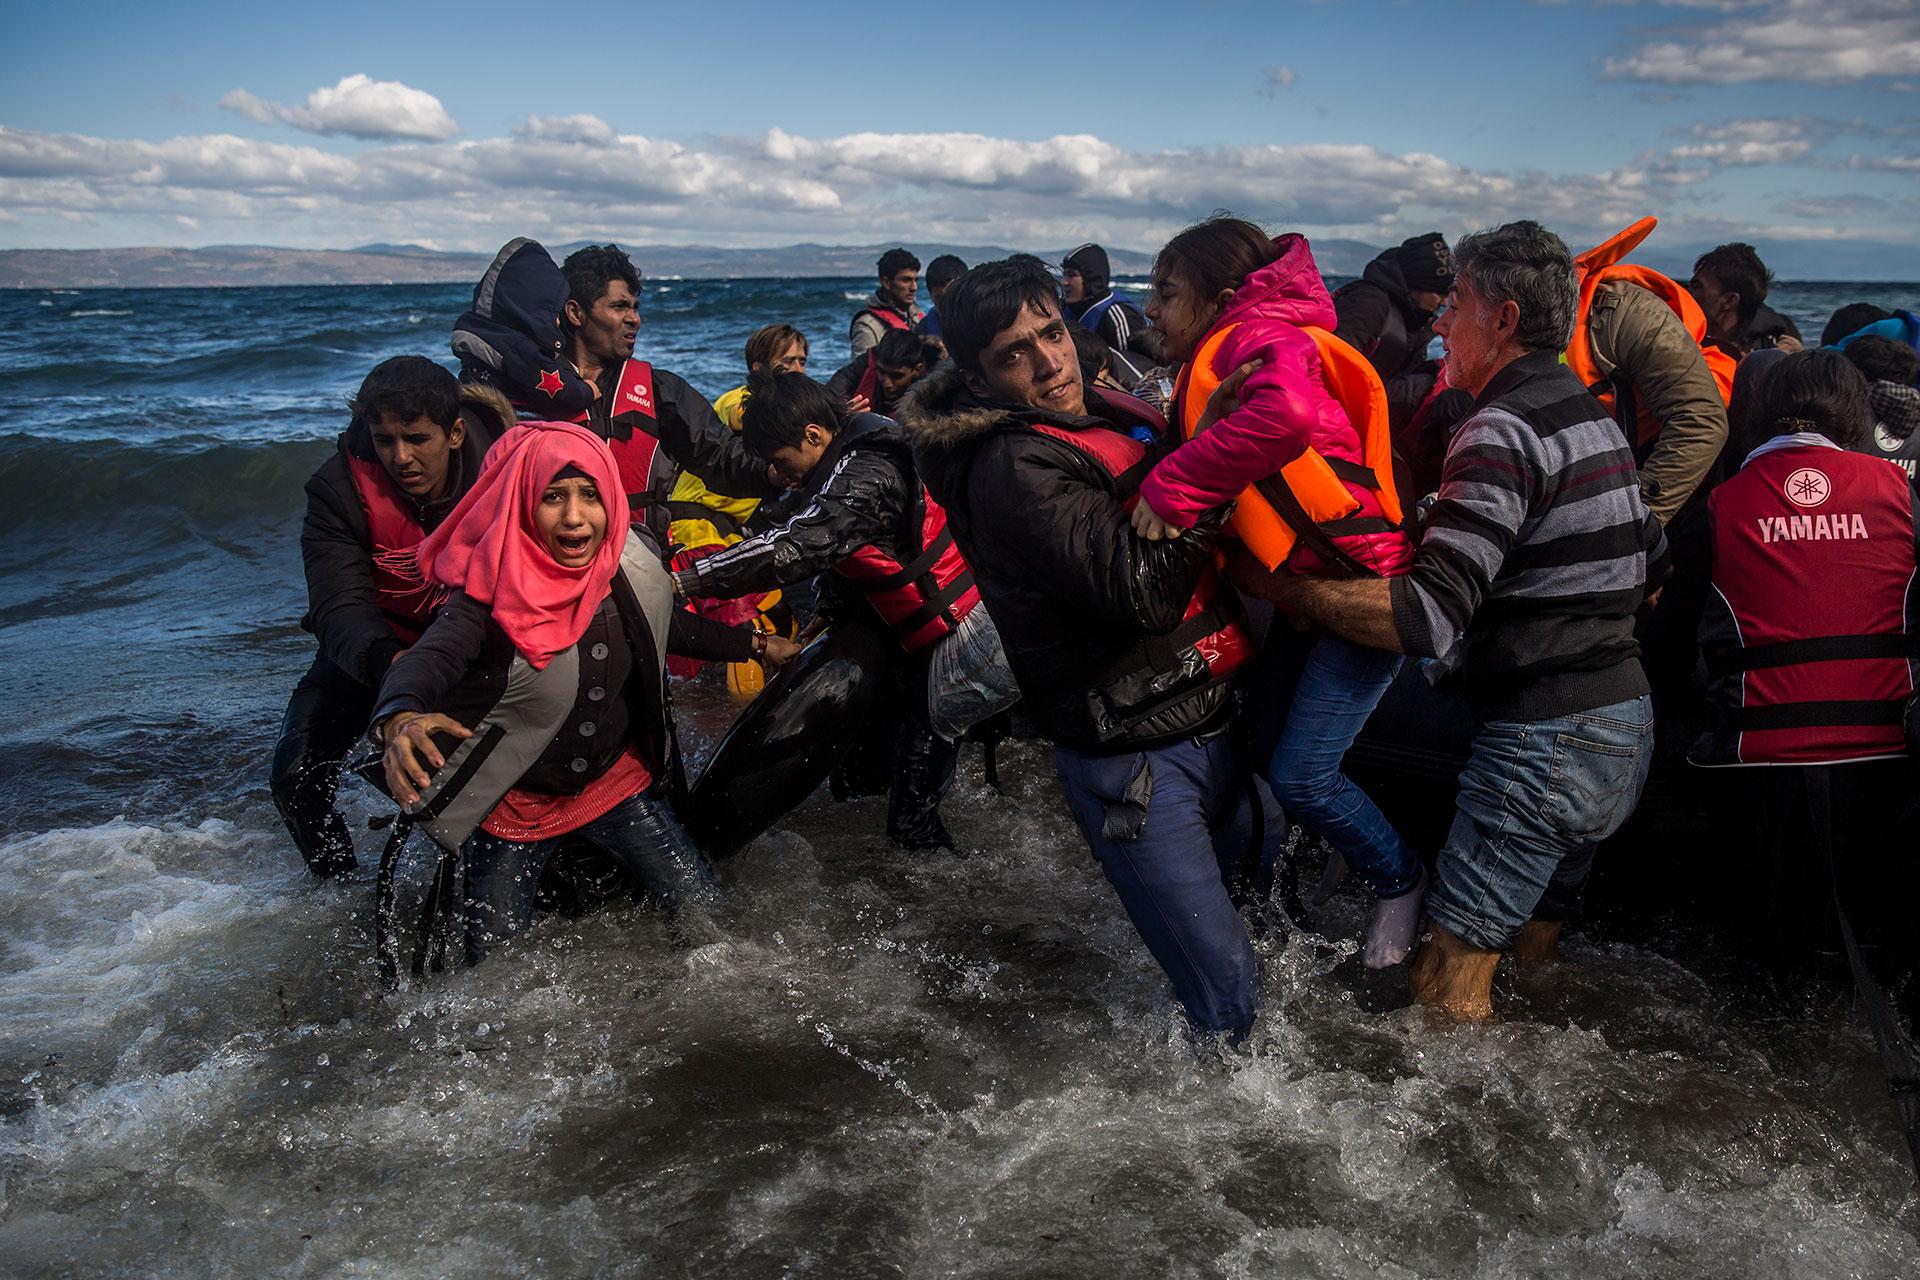 Personas refugiadas de origen afgano y sirio desembarcan en la isla griega de Lesbos.